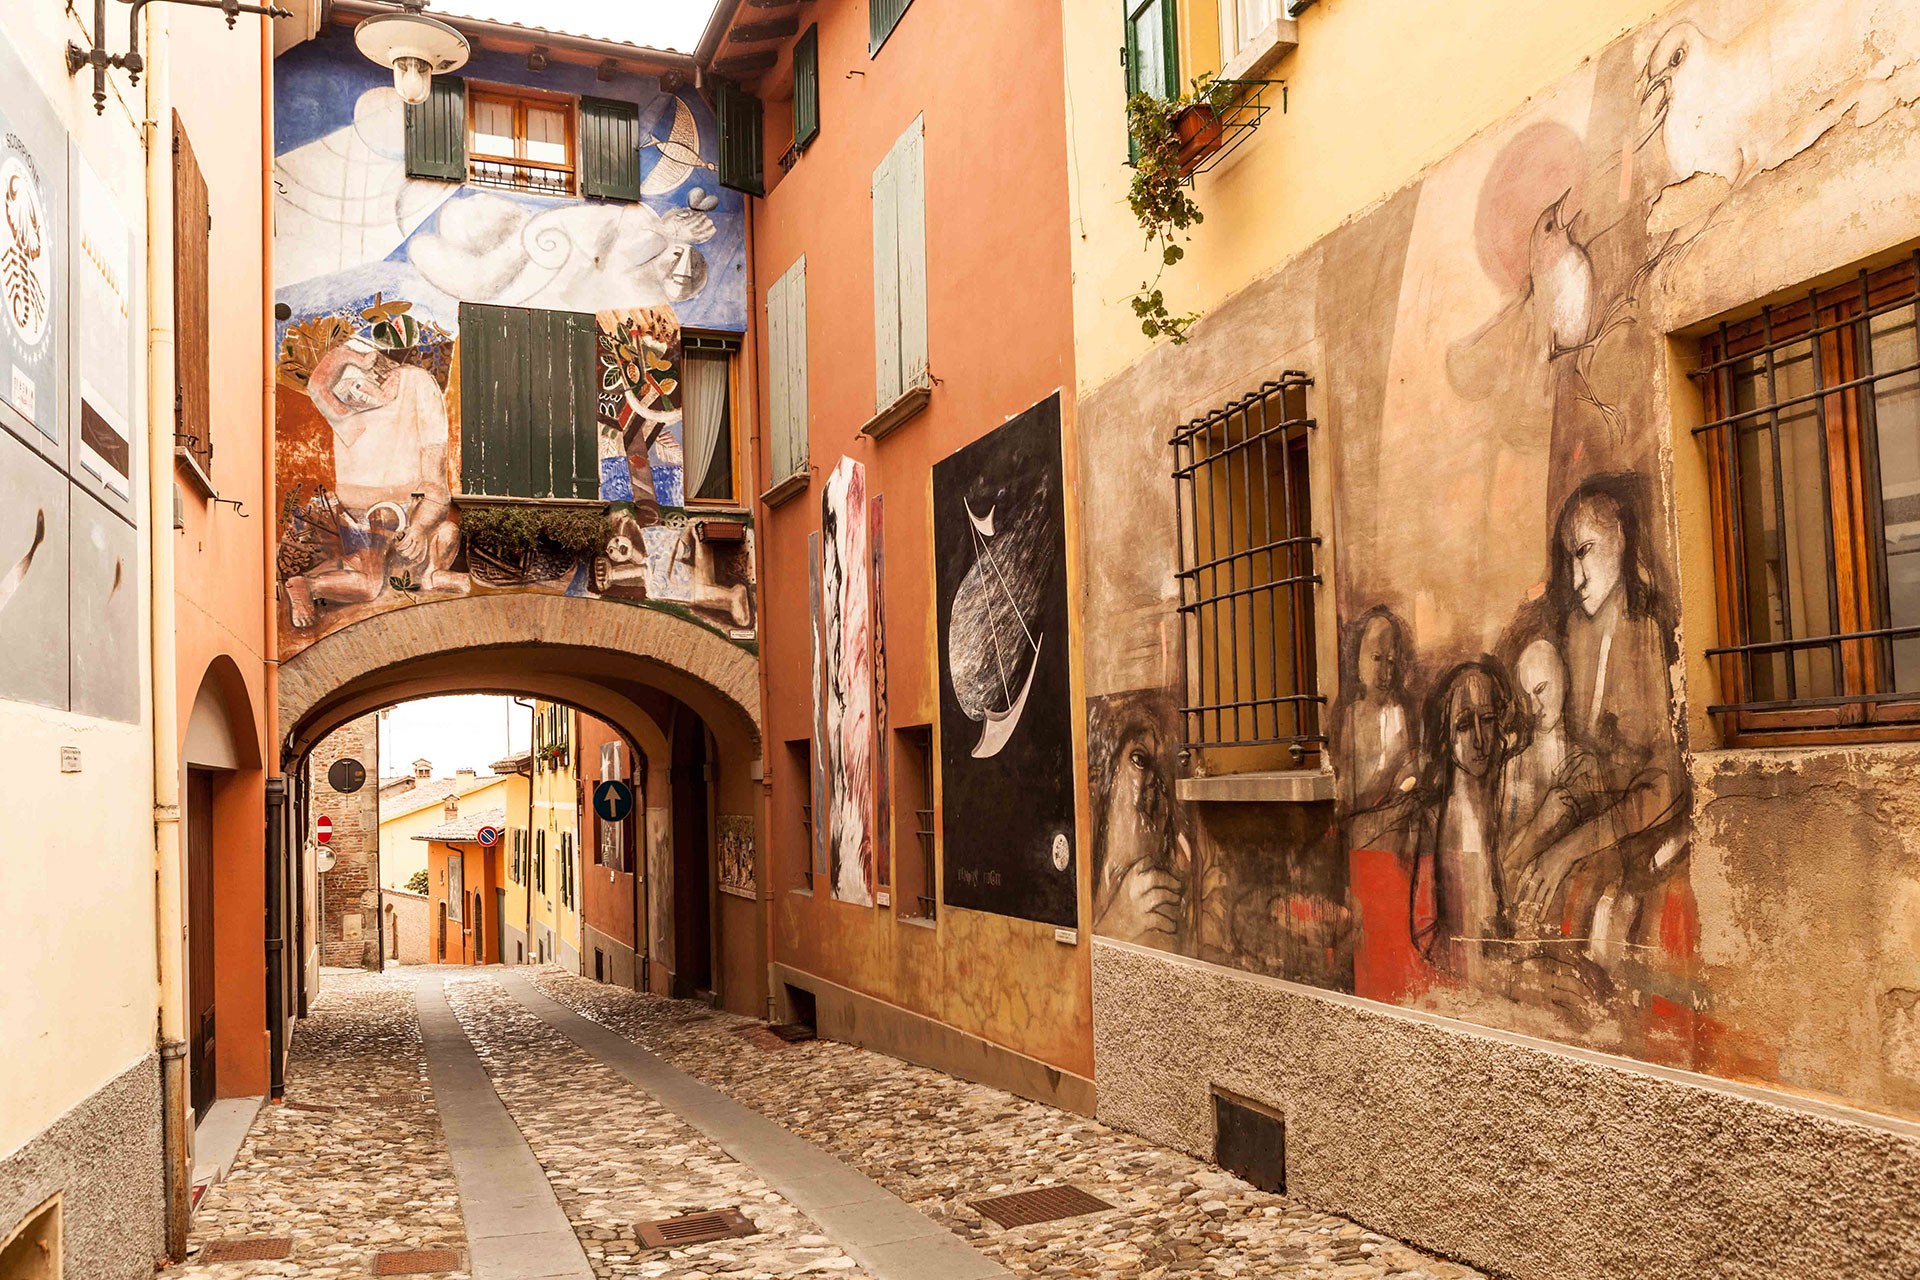 Dozza-Pitture Murali in un suggestivo Borgo Medievale ...